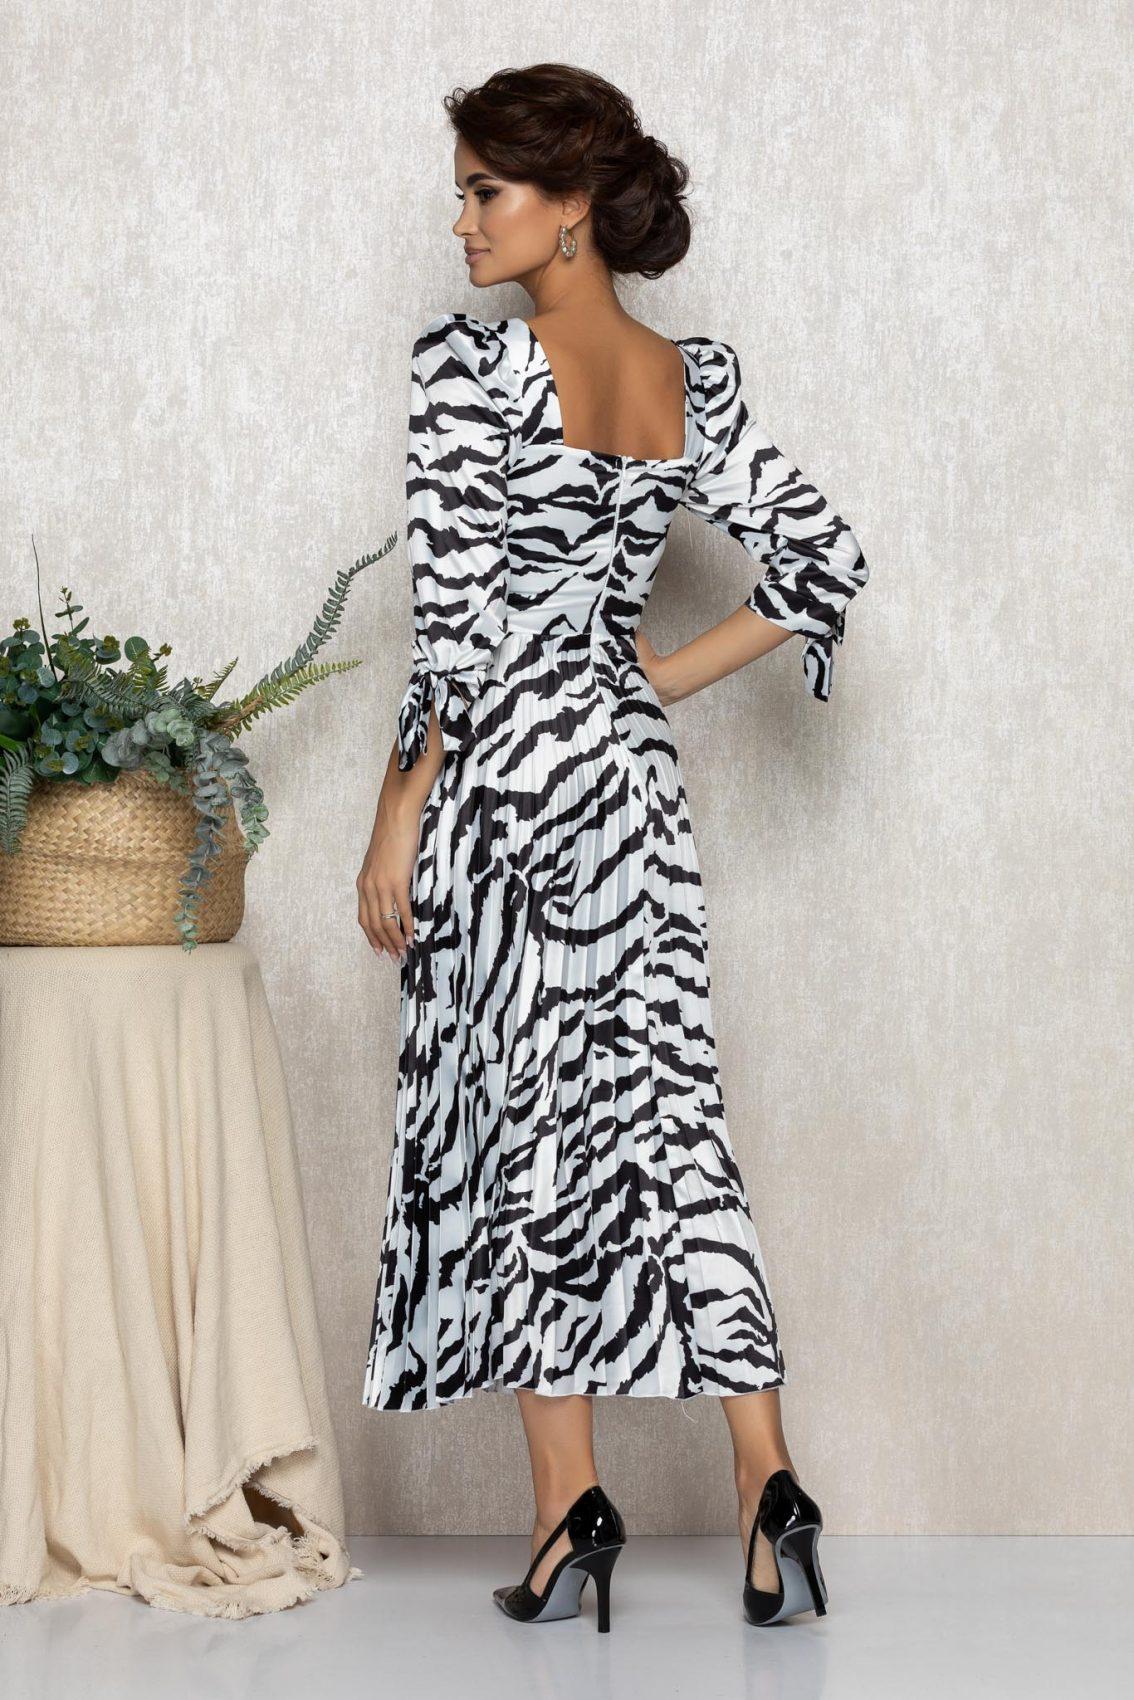 Ασπρόμαυρο Σατέν Μίντι Πλισέ Βραδινό Φόρεμα Rowa T220 2